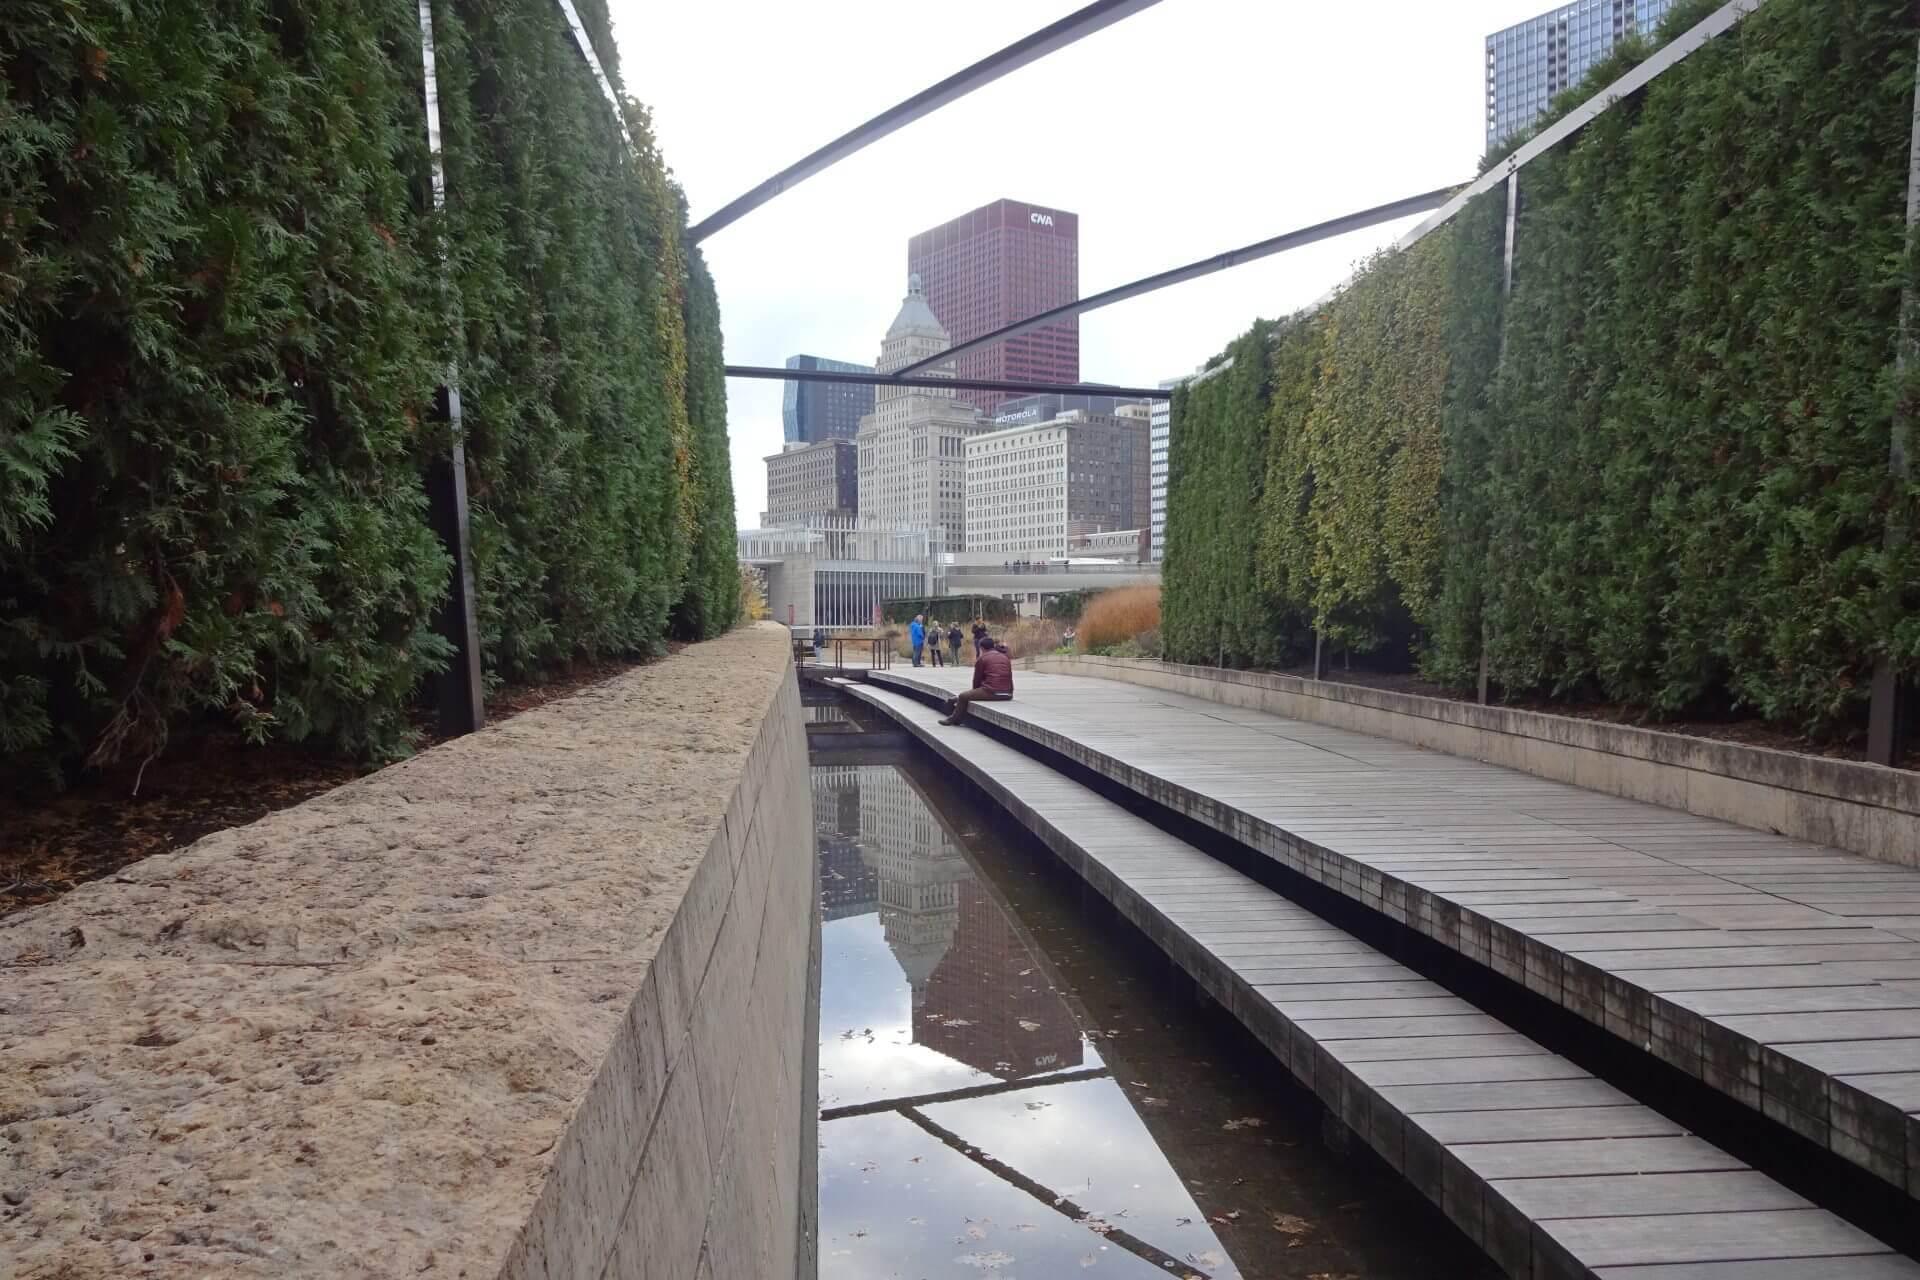 Downtown. Millenium park. Bilder und Eindrücke aus Chicago, Illinois, United States.